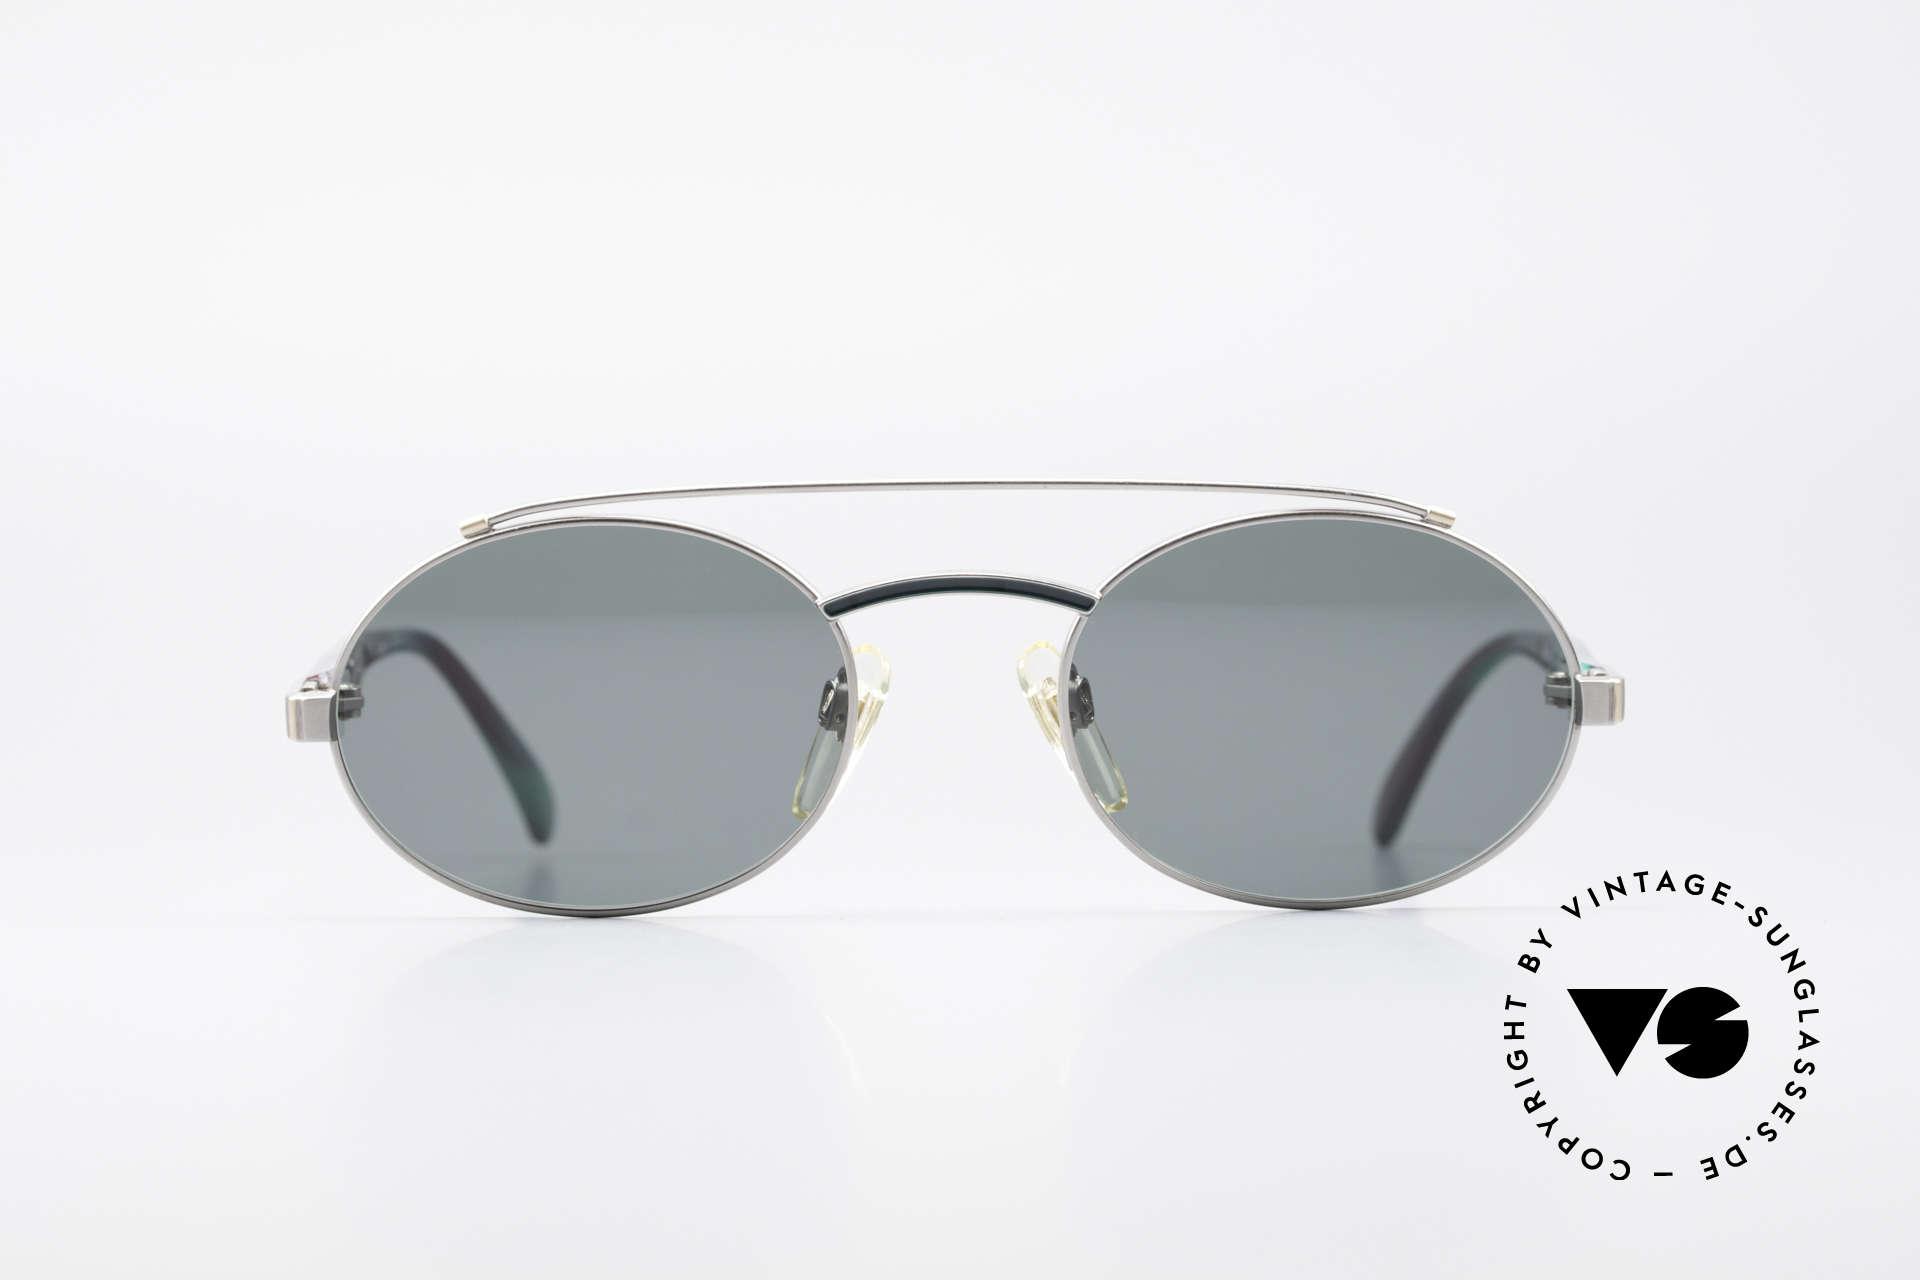 Davidoff 305 Ovale Vintage Herrenbrille, solide Verarbeitung der alten Brillenkunst, Top-Qualität, Passend für Herren